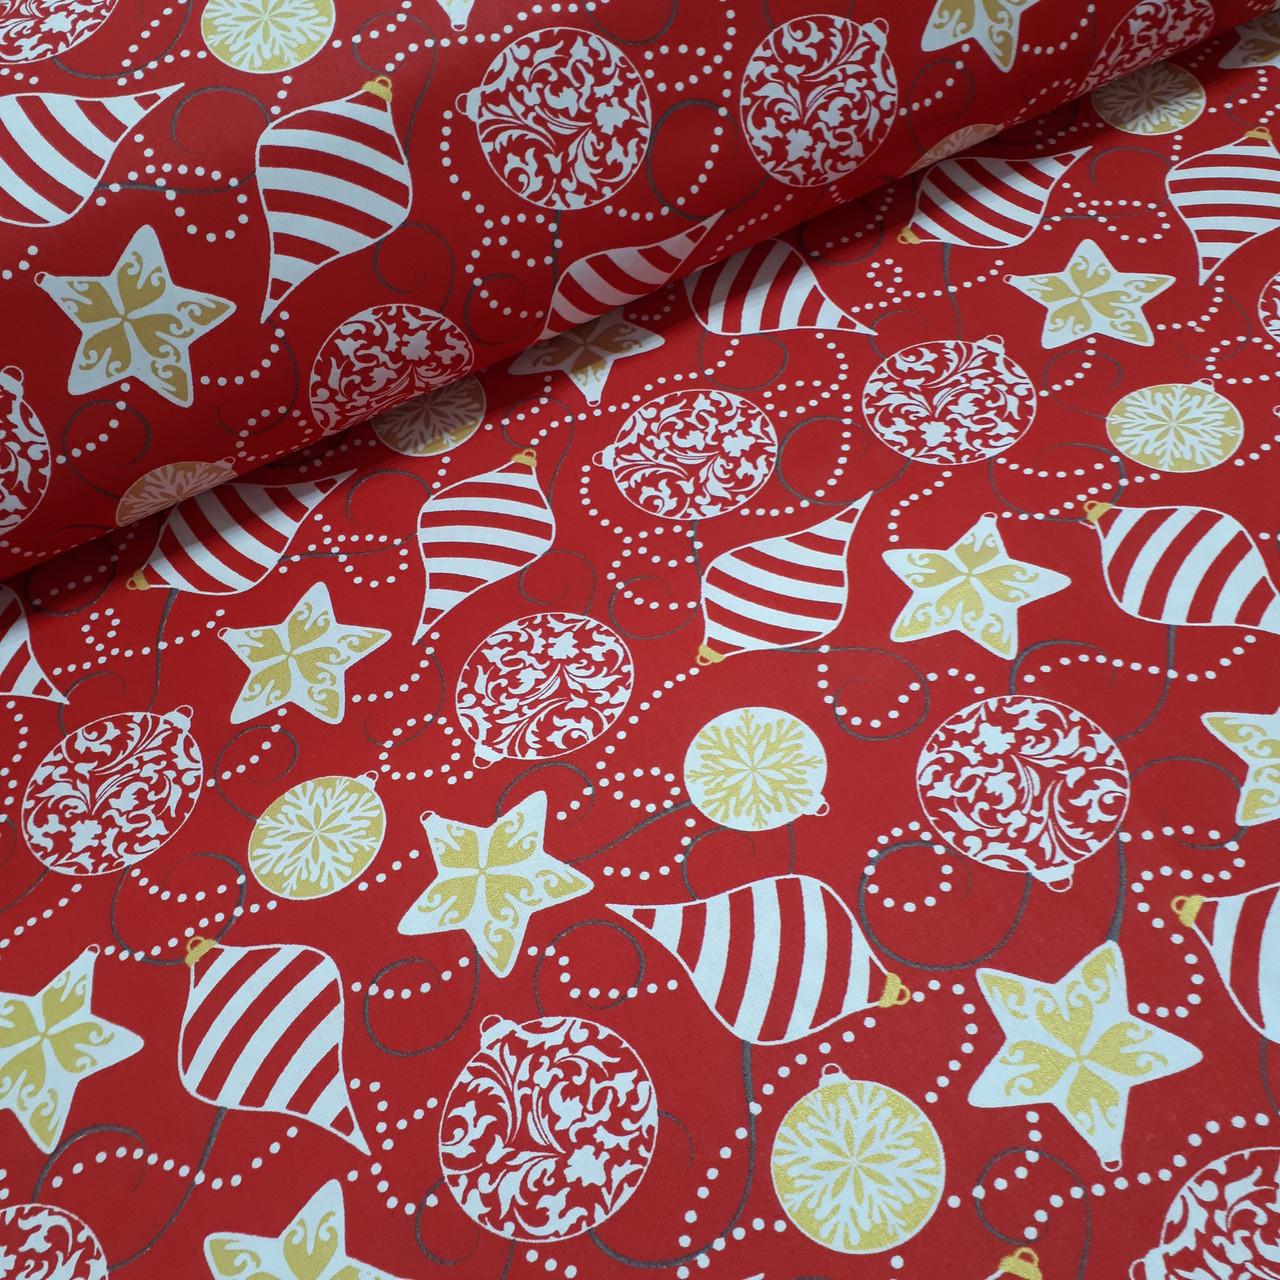 Ткань хлопковая, новогодние шарики золотисто(глиттер)-белые на красном